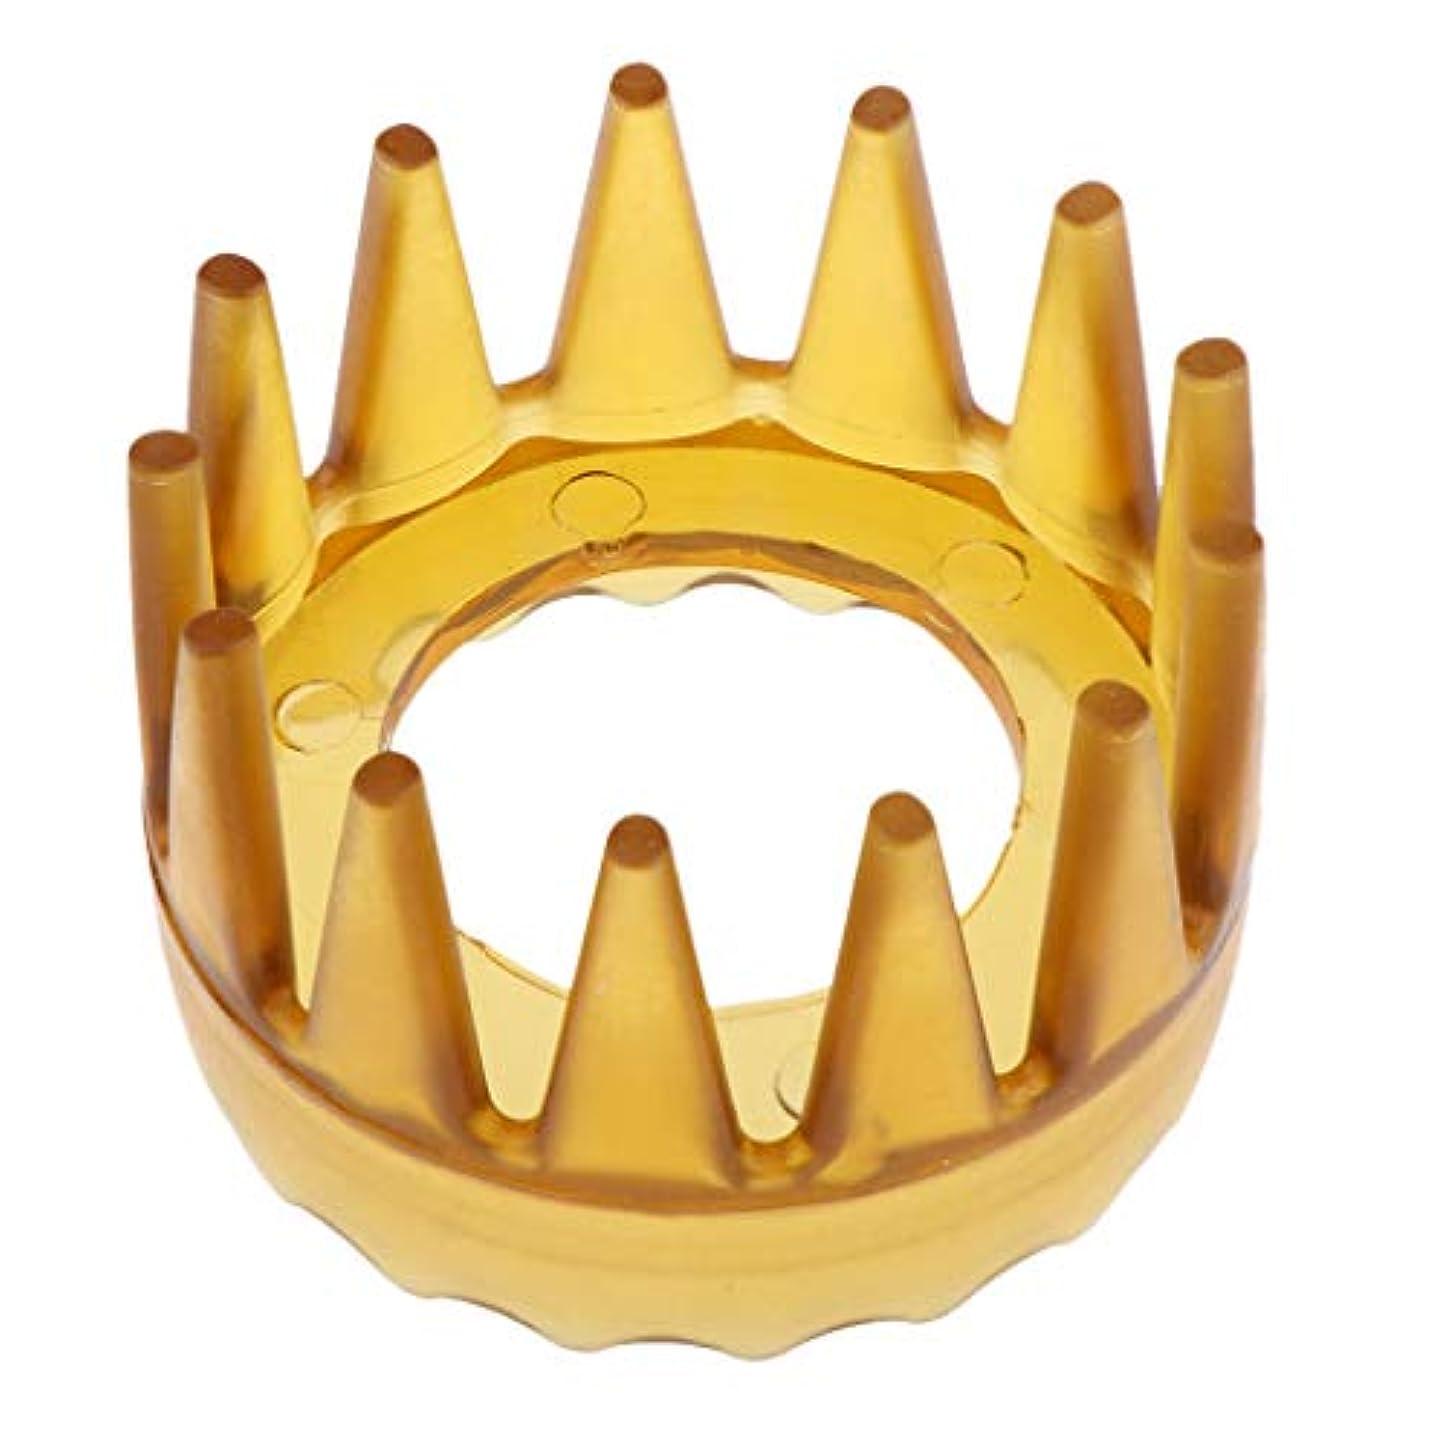 嫌悪不利益光のプラスチック製 シャンプーブラシ 洗髪櫛 マッサージャー ヘアコーム ヘアブラシ 直径約6cm 全4色 - 黄